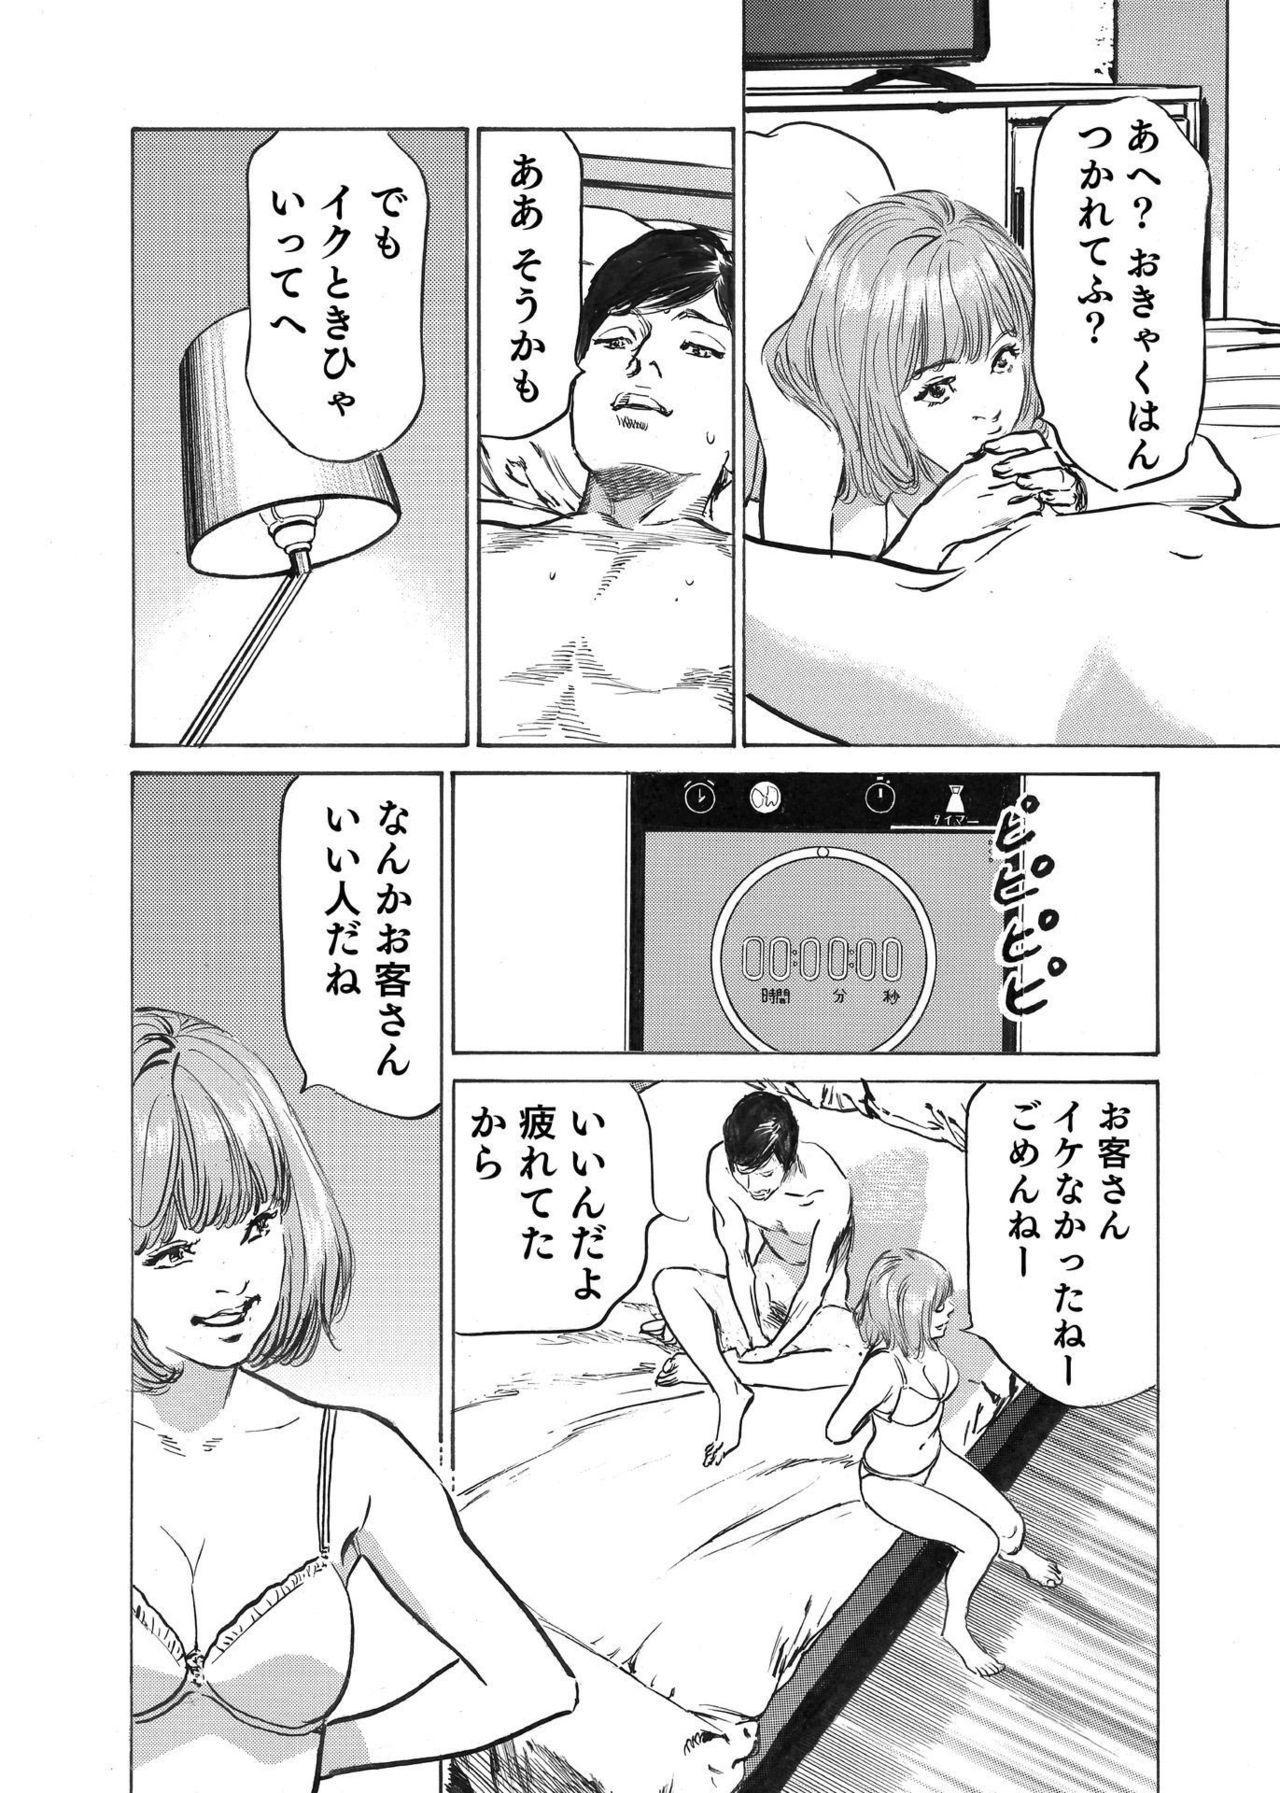 Ore wa Tsuma no Koto o Yoku Shiranai 1-9 115